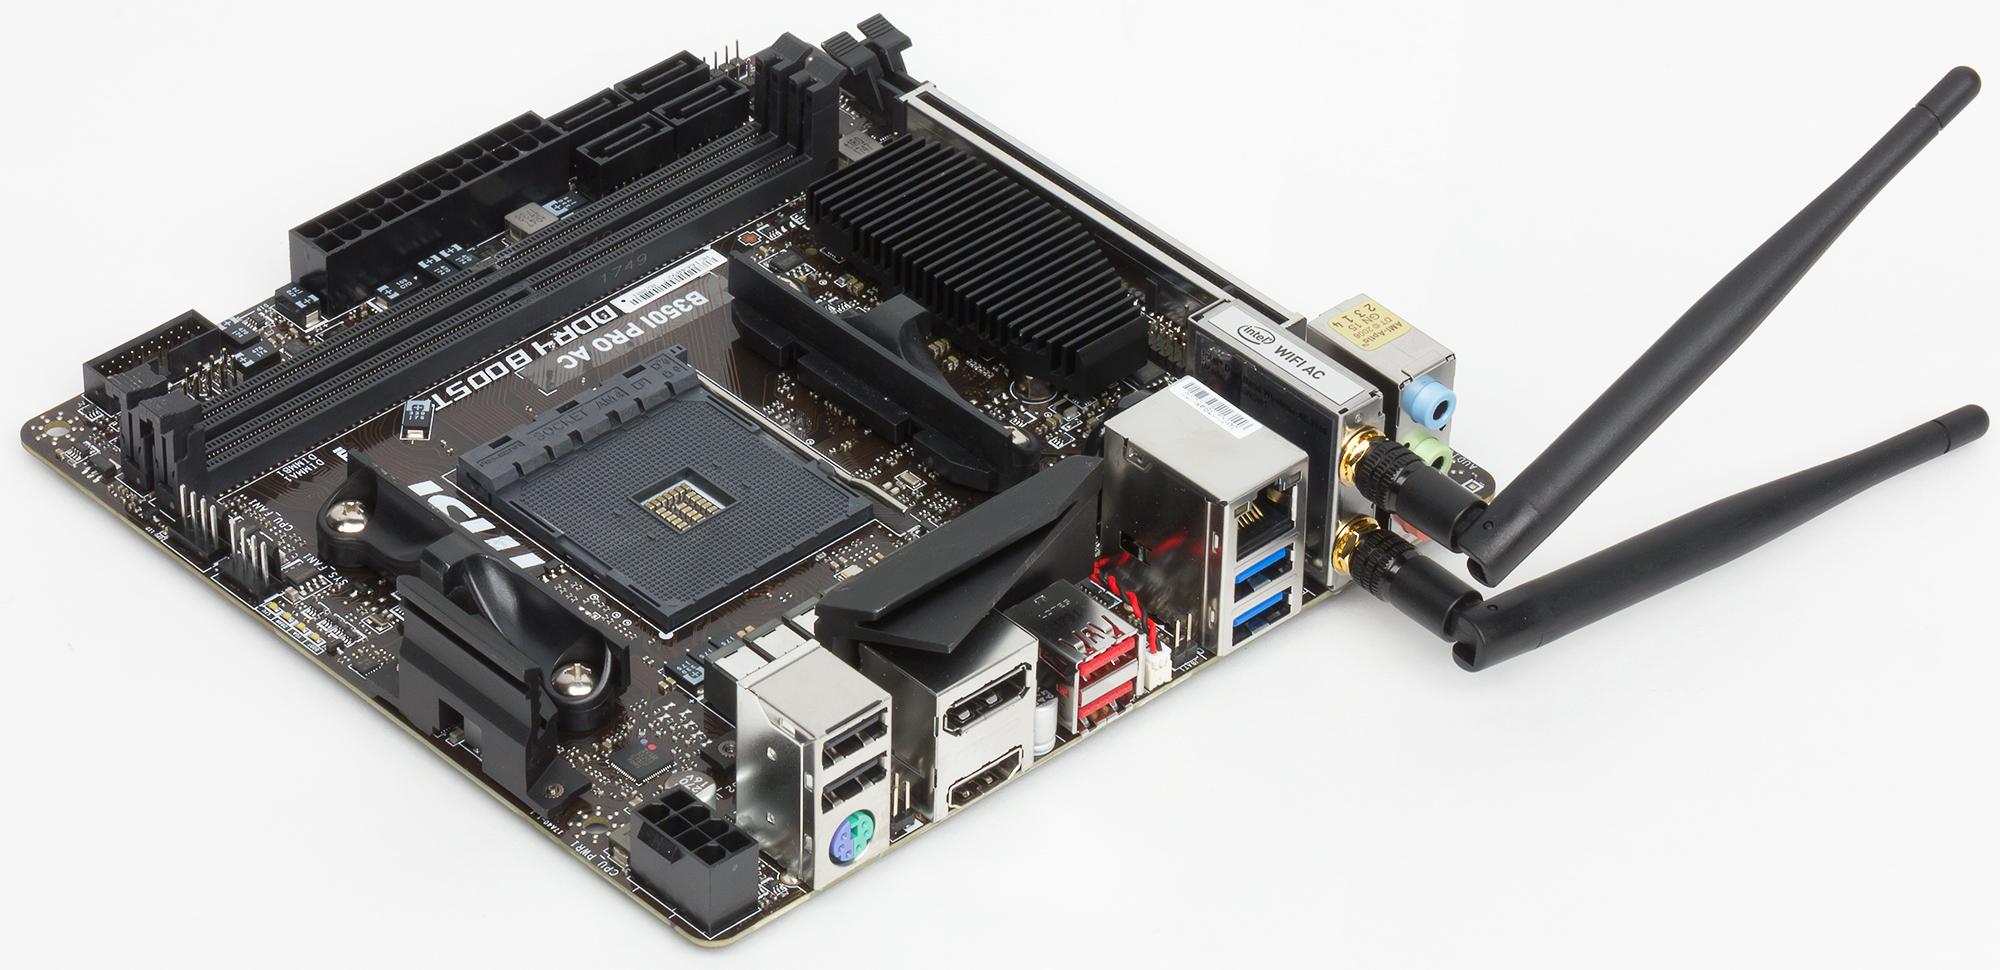 Конфигурация и особенности пРаты Сводная табРица характеристик пРаты MSI B350I Pro